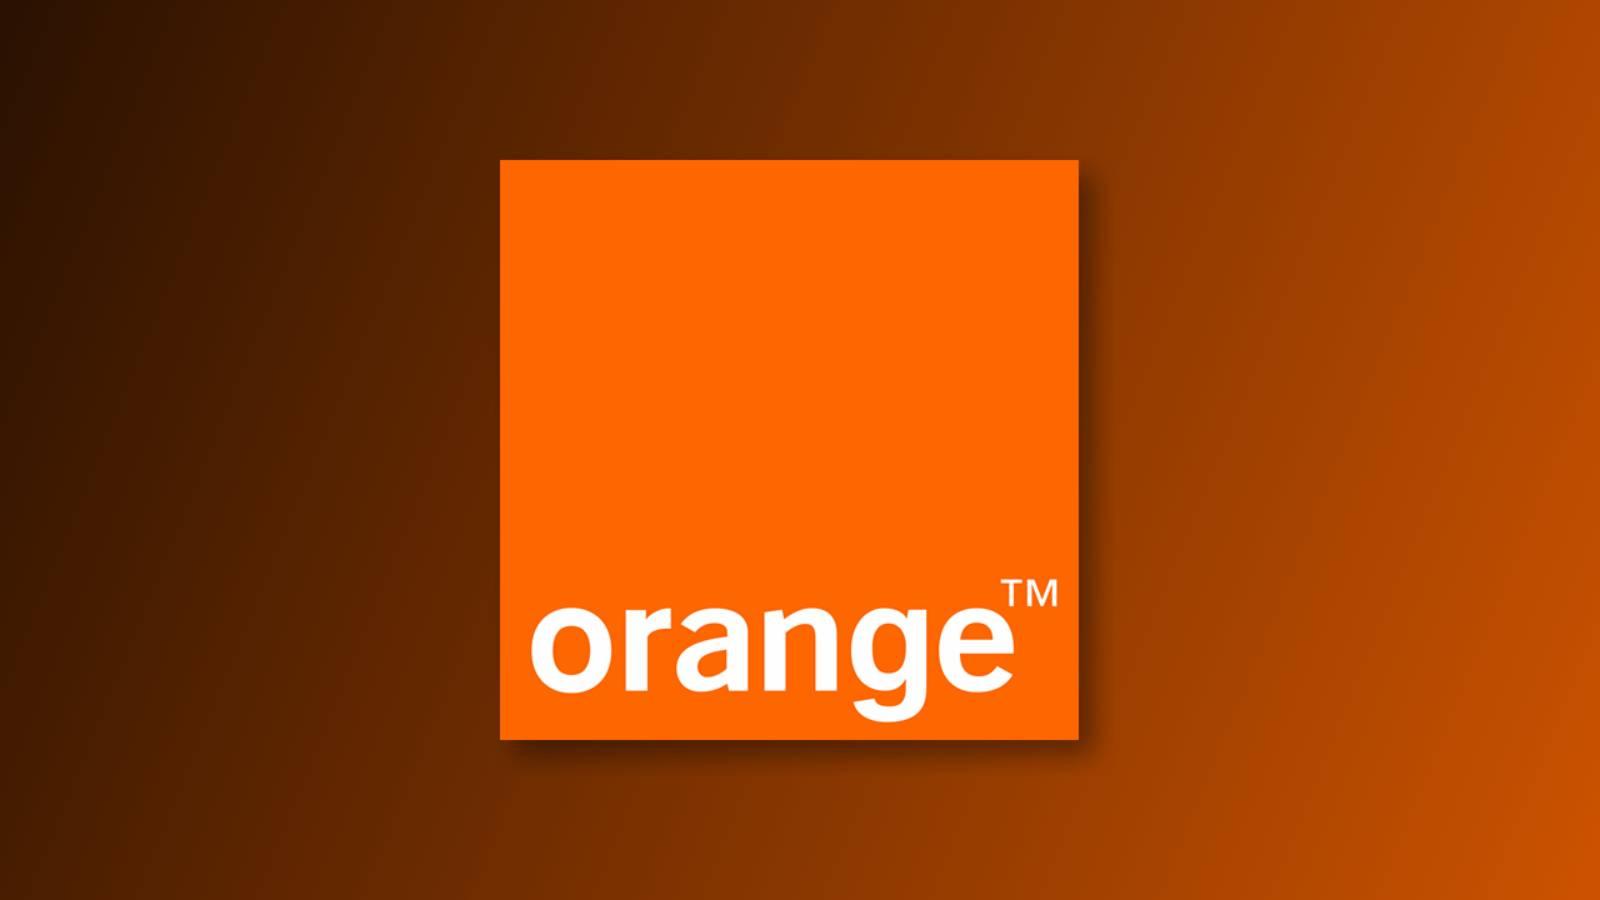 Orange REDUCERILE pentru Telefoanele Mobile Oferite la Inceput de an 2020